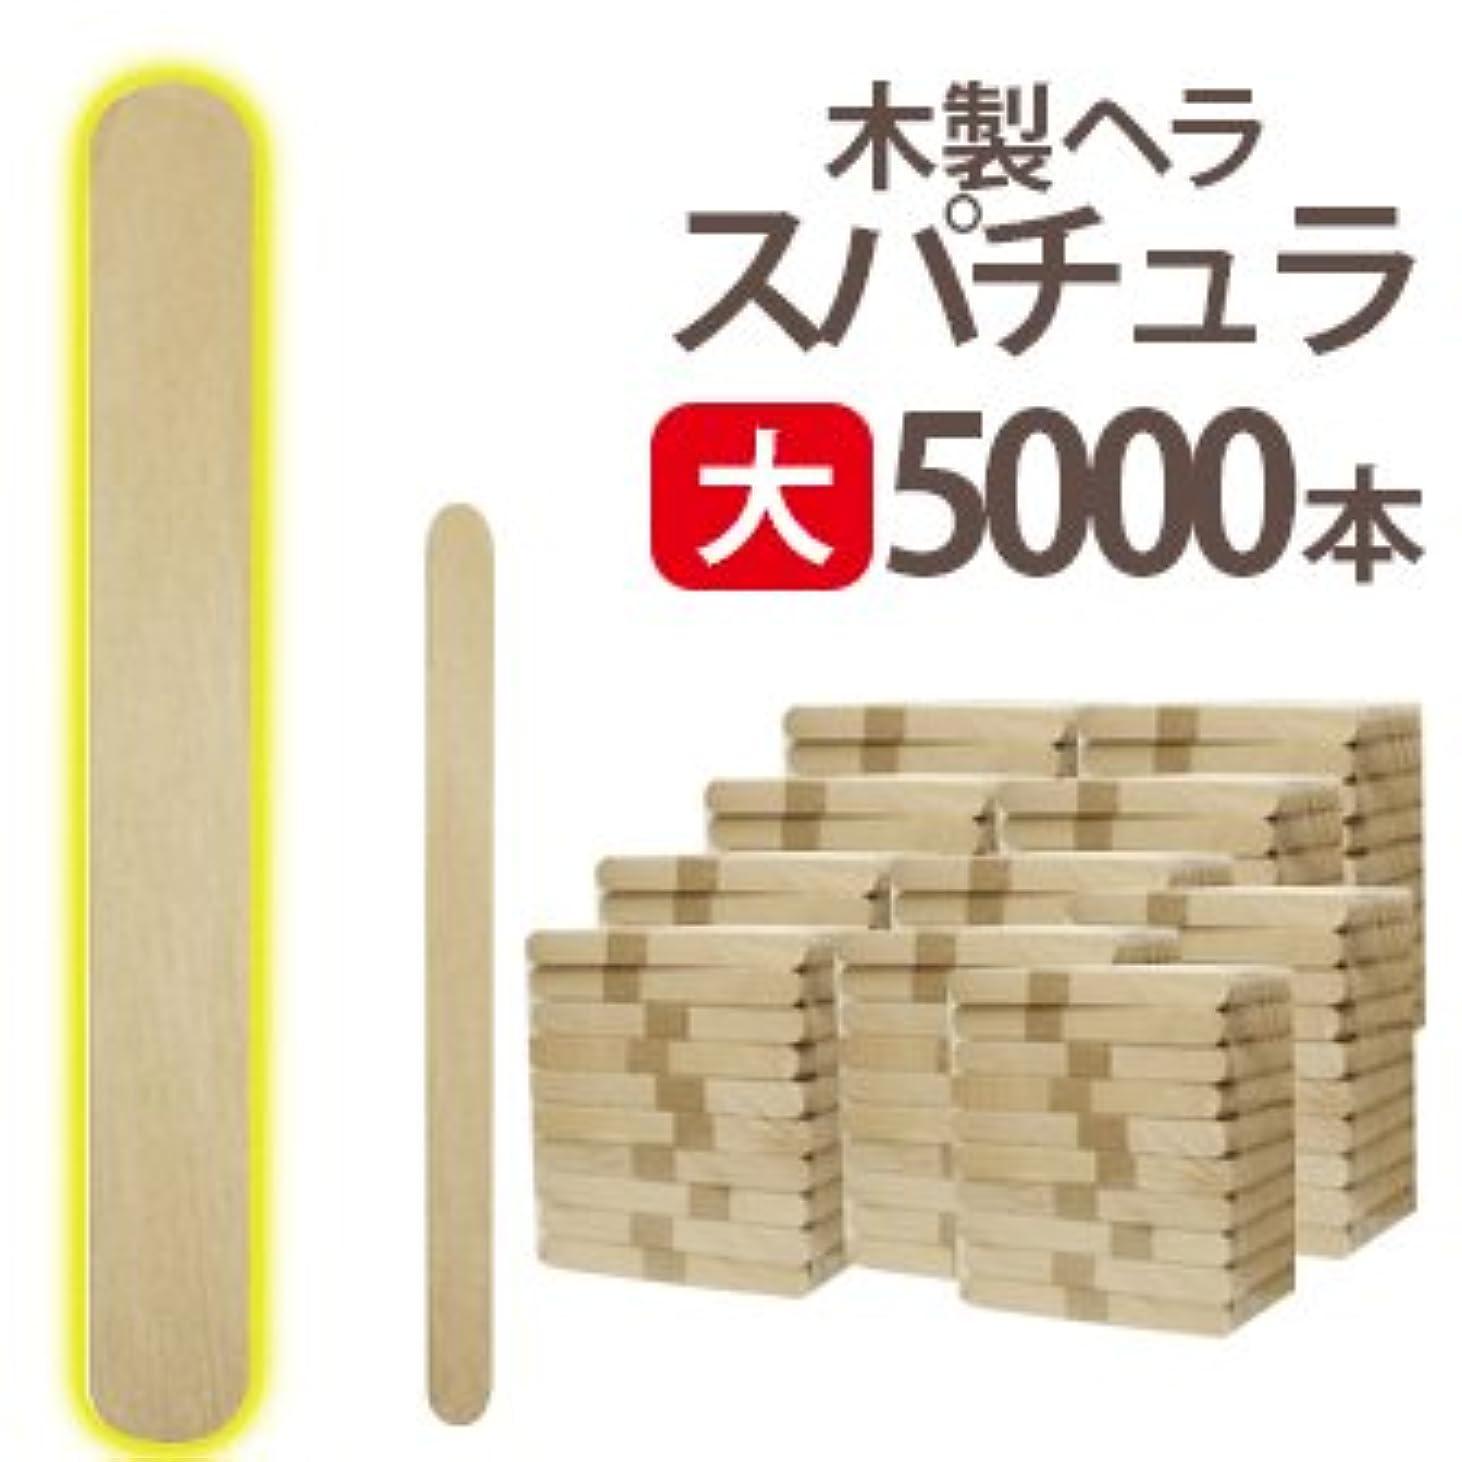 レシピ雨飼料大 ブラジリアンワックス 業務用5000本 スパチュラ Aタイプ(個別梱包なし 150×16)